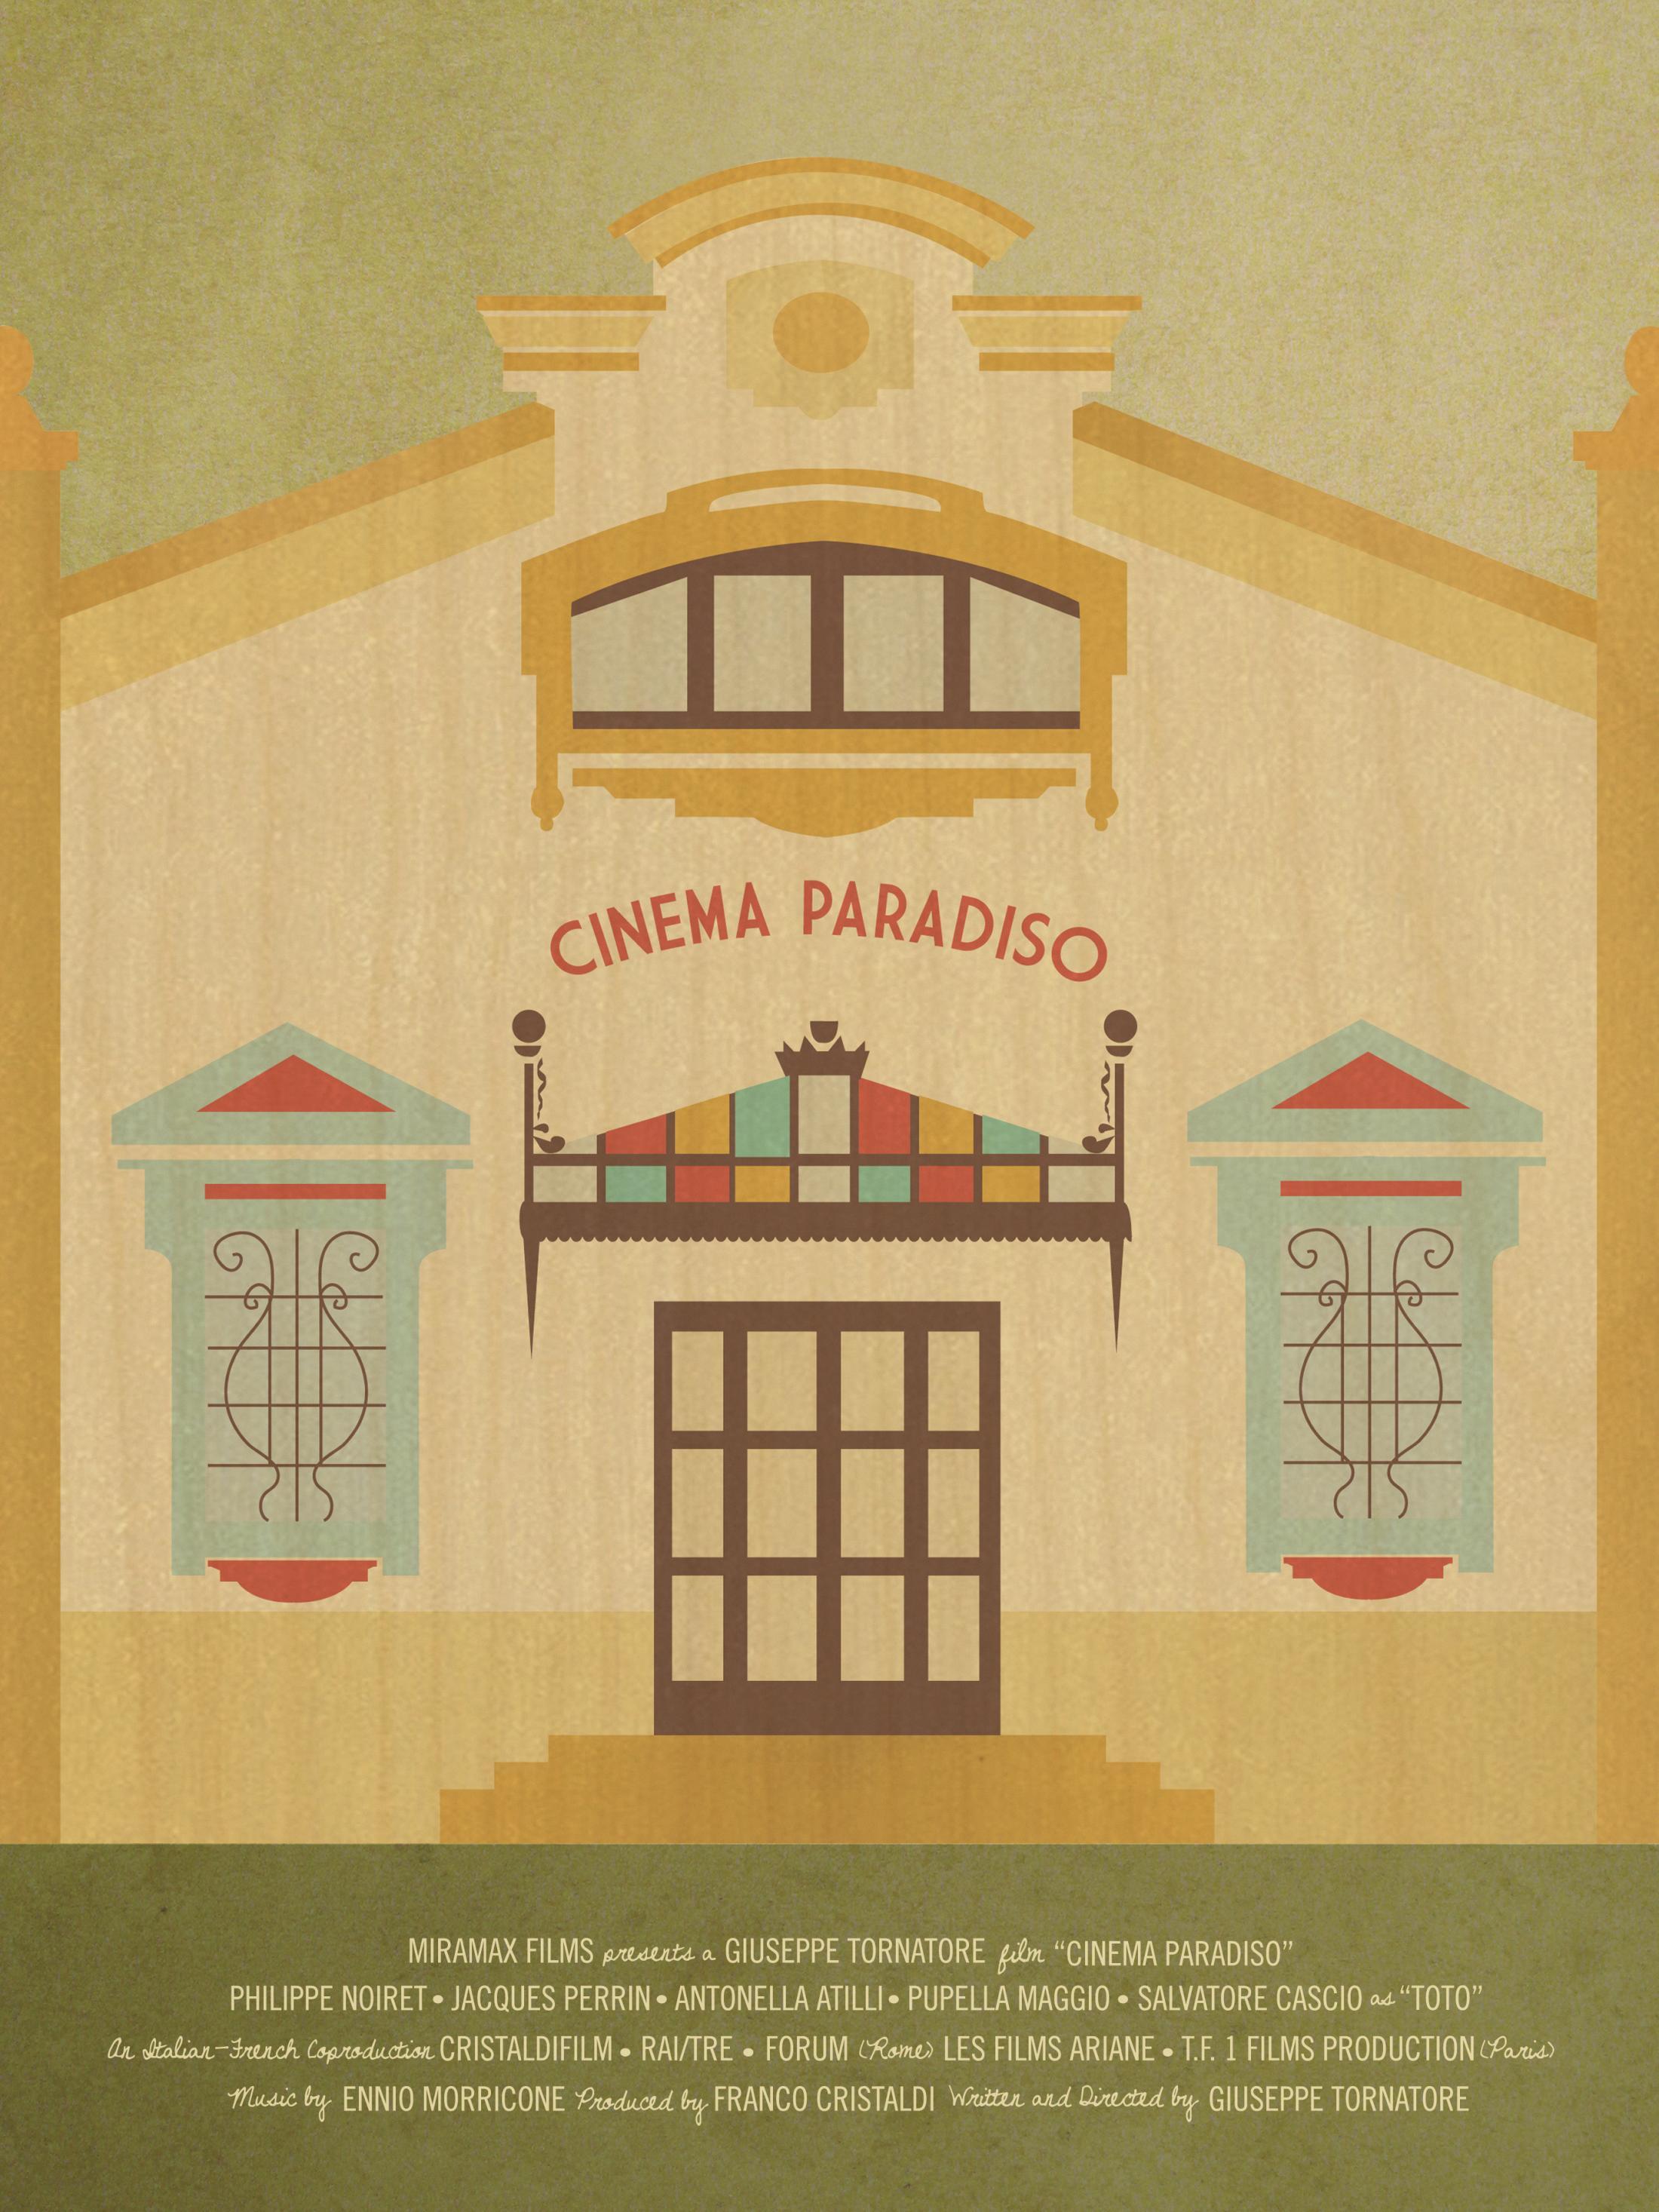 cinema paradiso movie poster clios